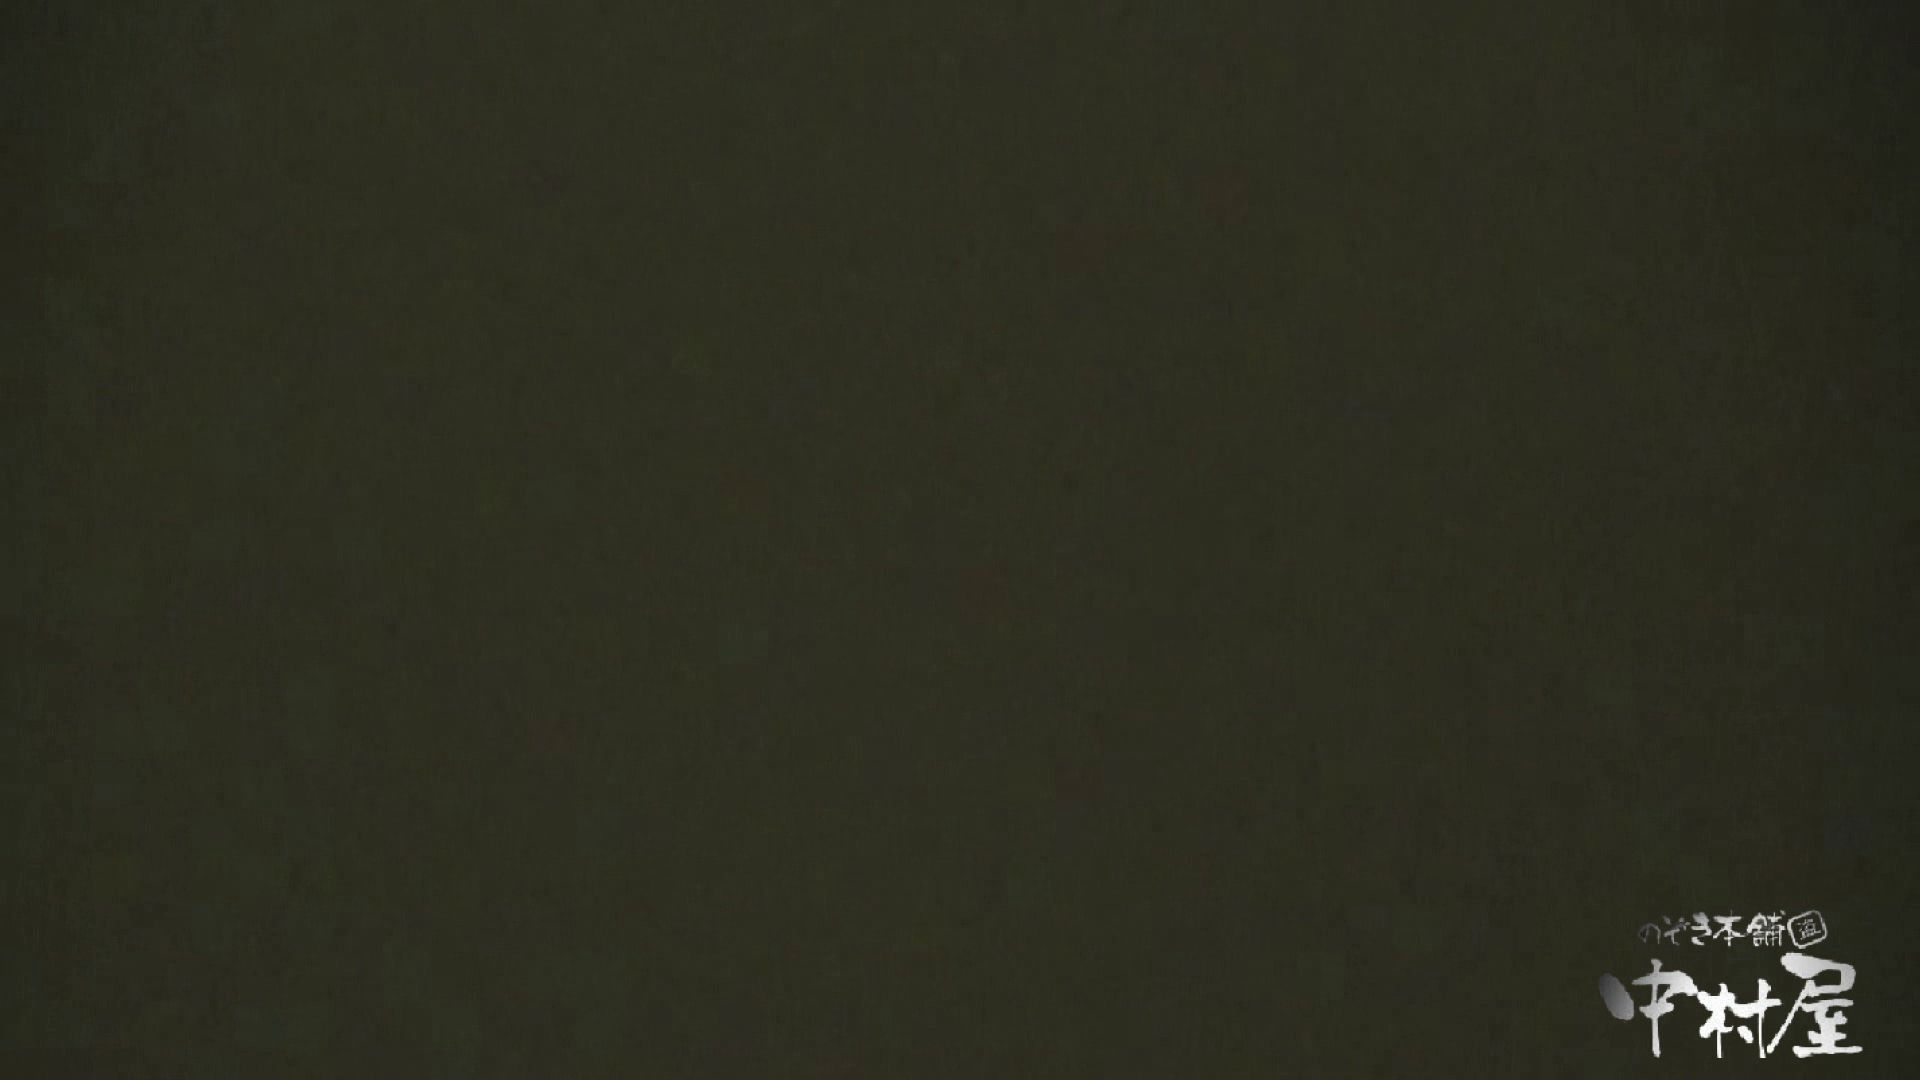 始動します‼雅さんの独断と偏見で集めたVIP限定 動画集Vol.2 期間限定  90PIX 62